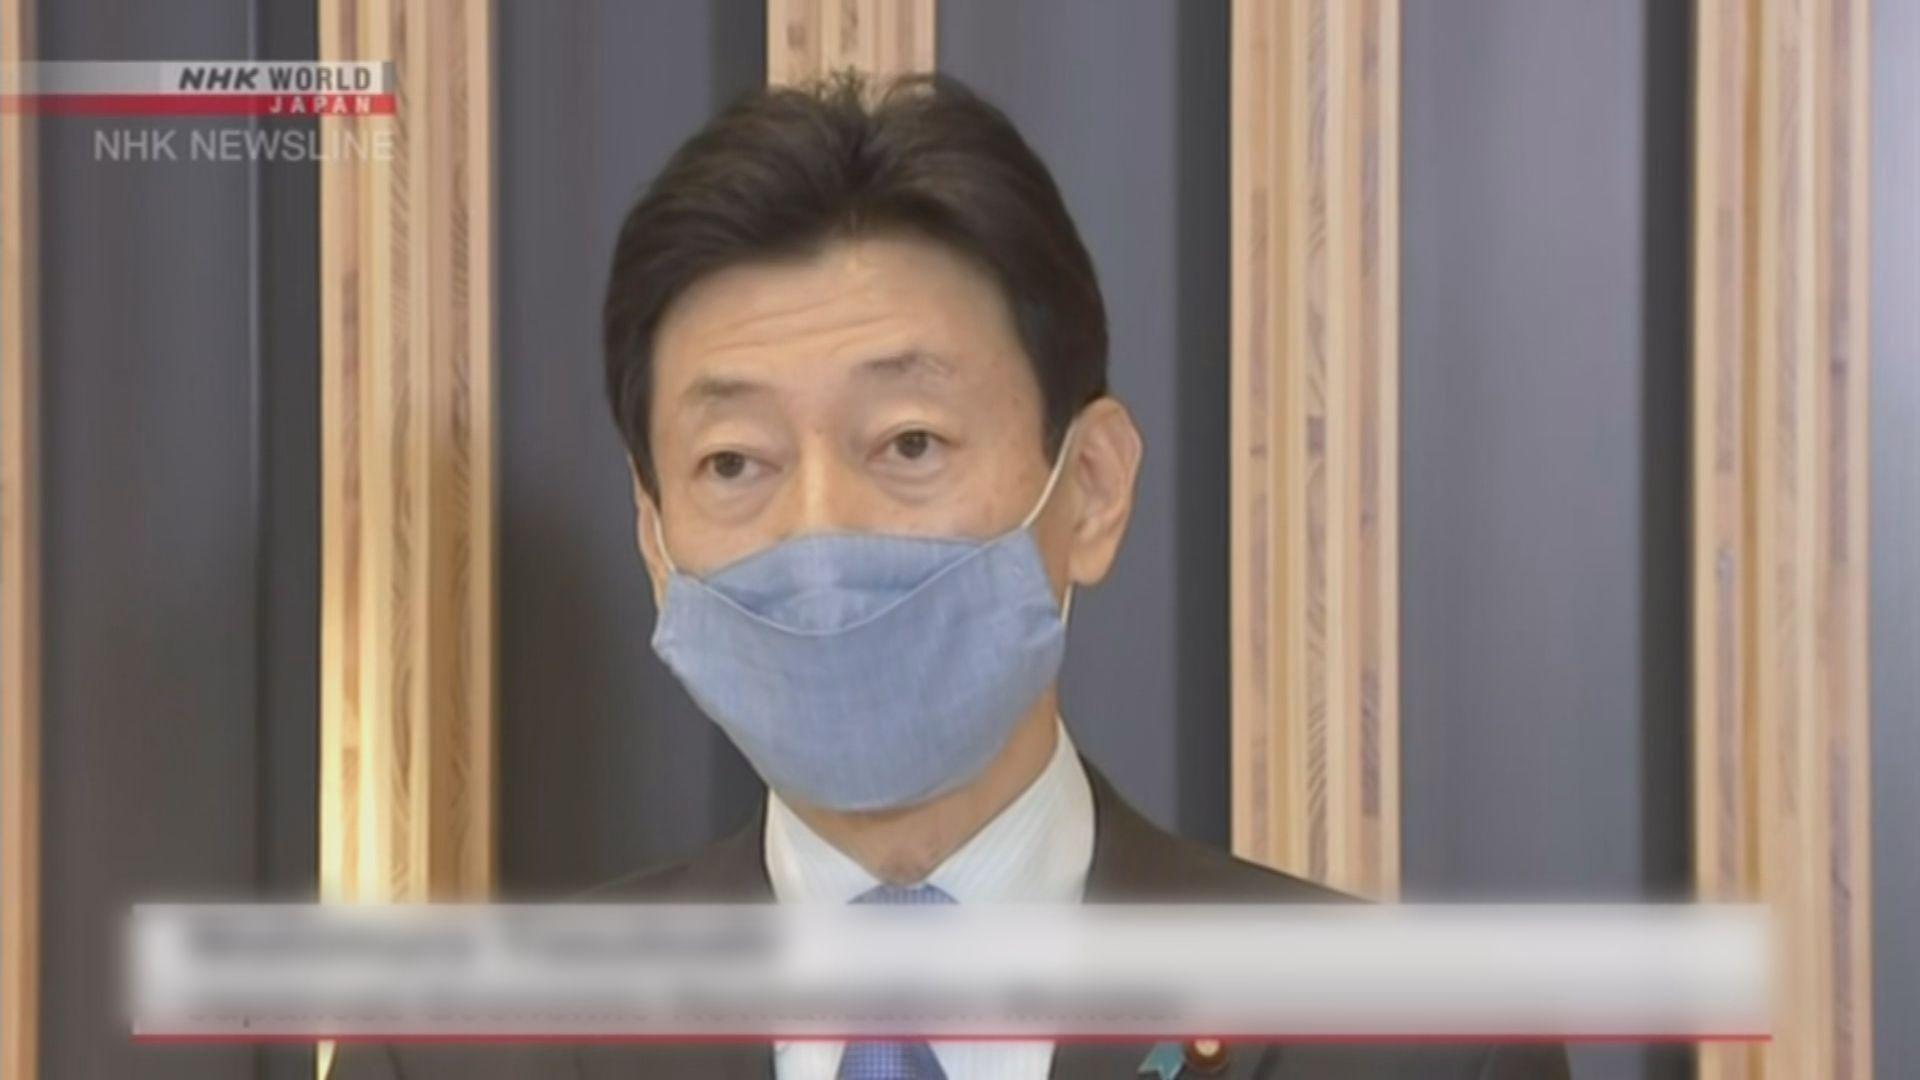 東京增逾二千宗確診 關西三府縣要求頒布緊急事態宣言